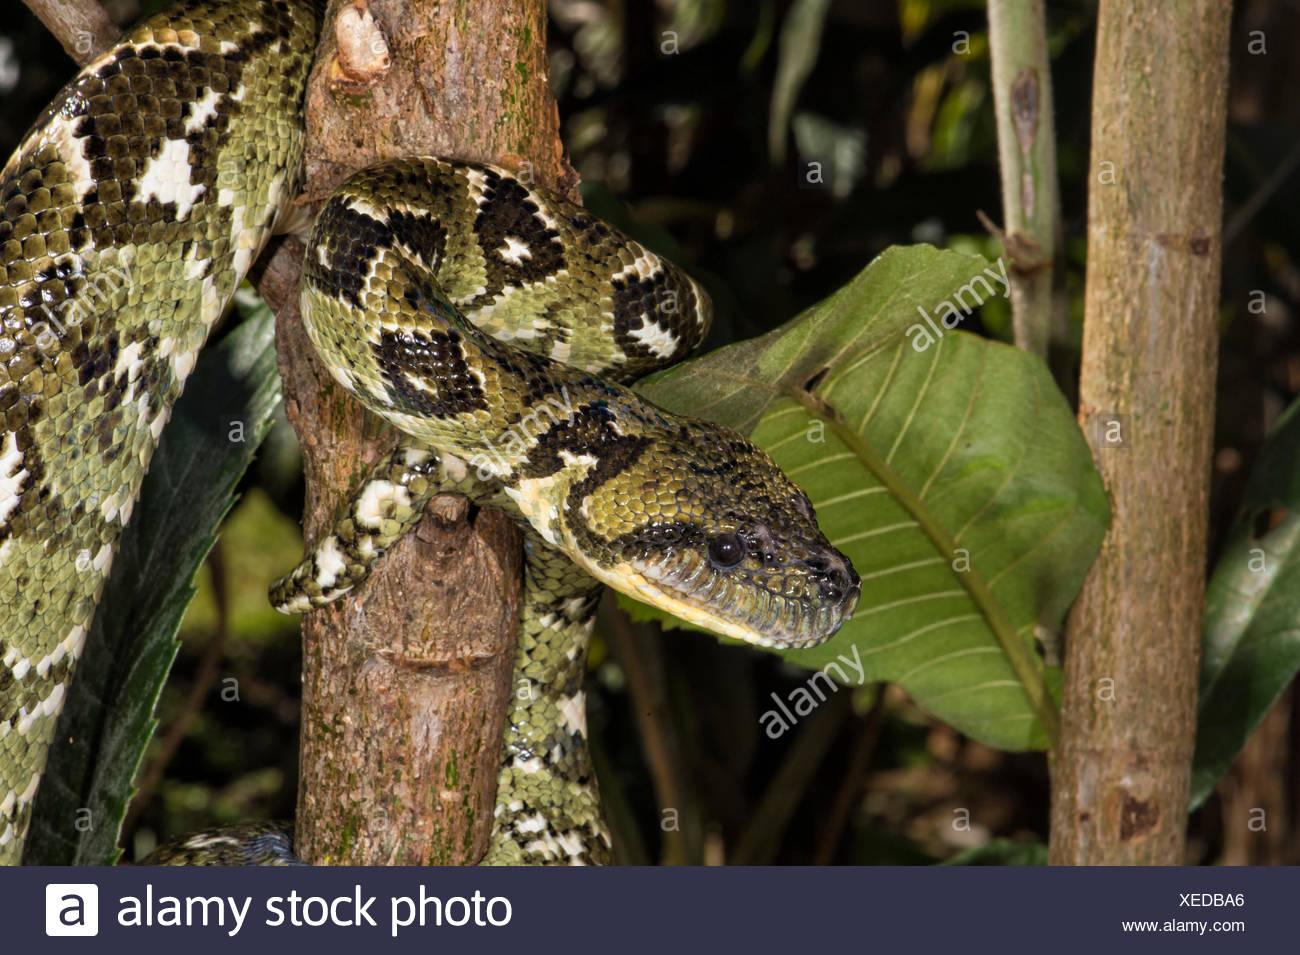 Arbre généalogique Madagascar Sanzinia madagascariensis (BOA), Madagascar Banque D'Images